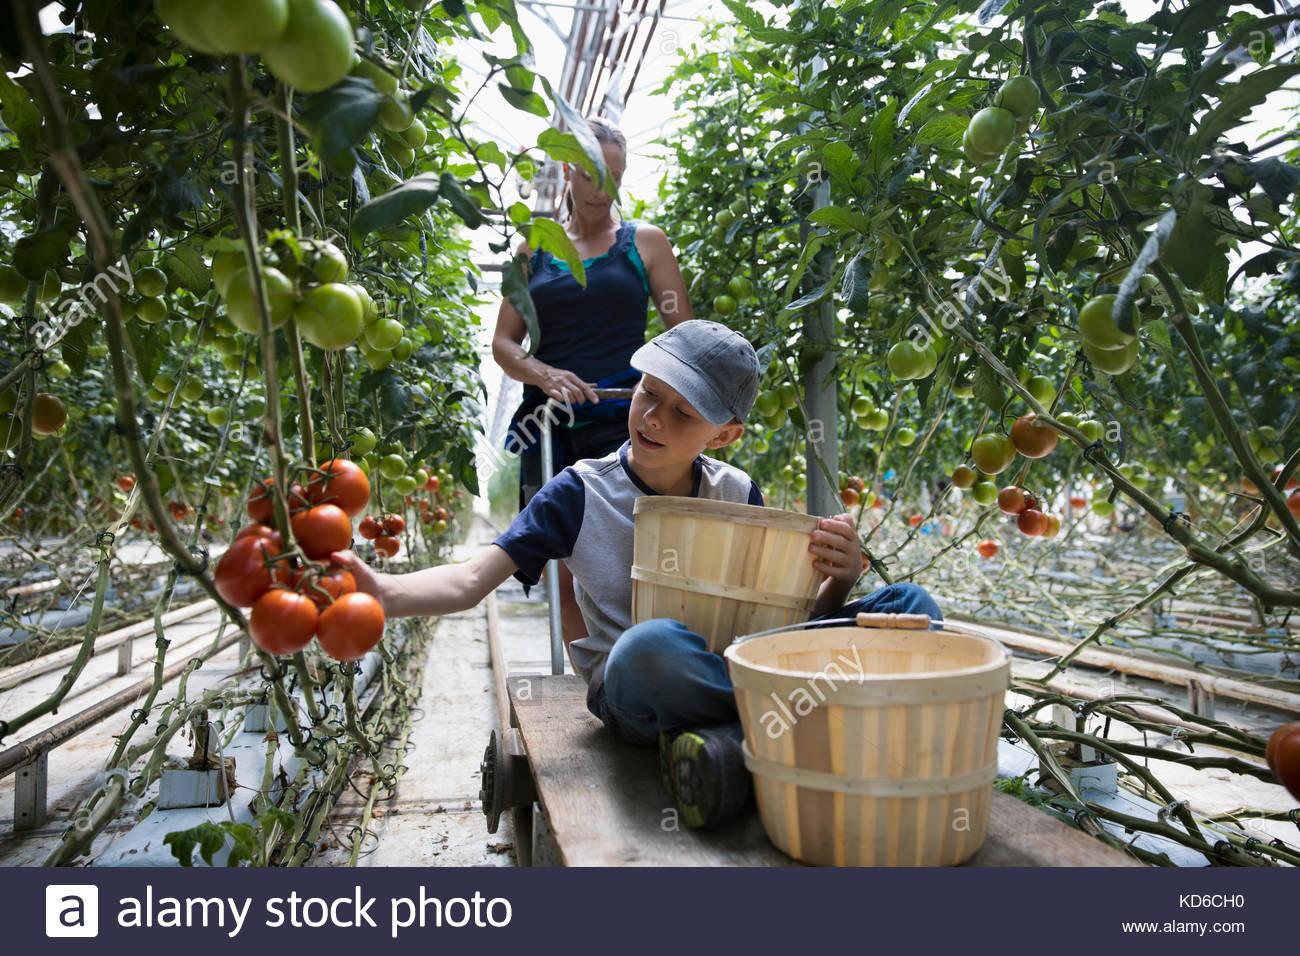 Junge mit scheffel ernten Tomaten wachsen auf tomatenpflanze im Gewächshaus Stockbild